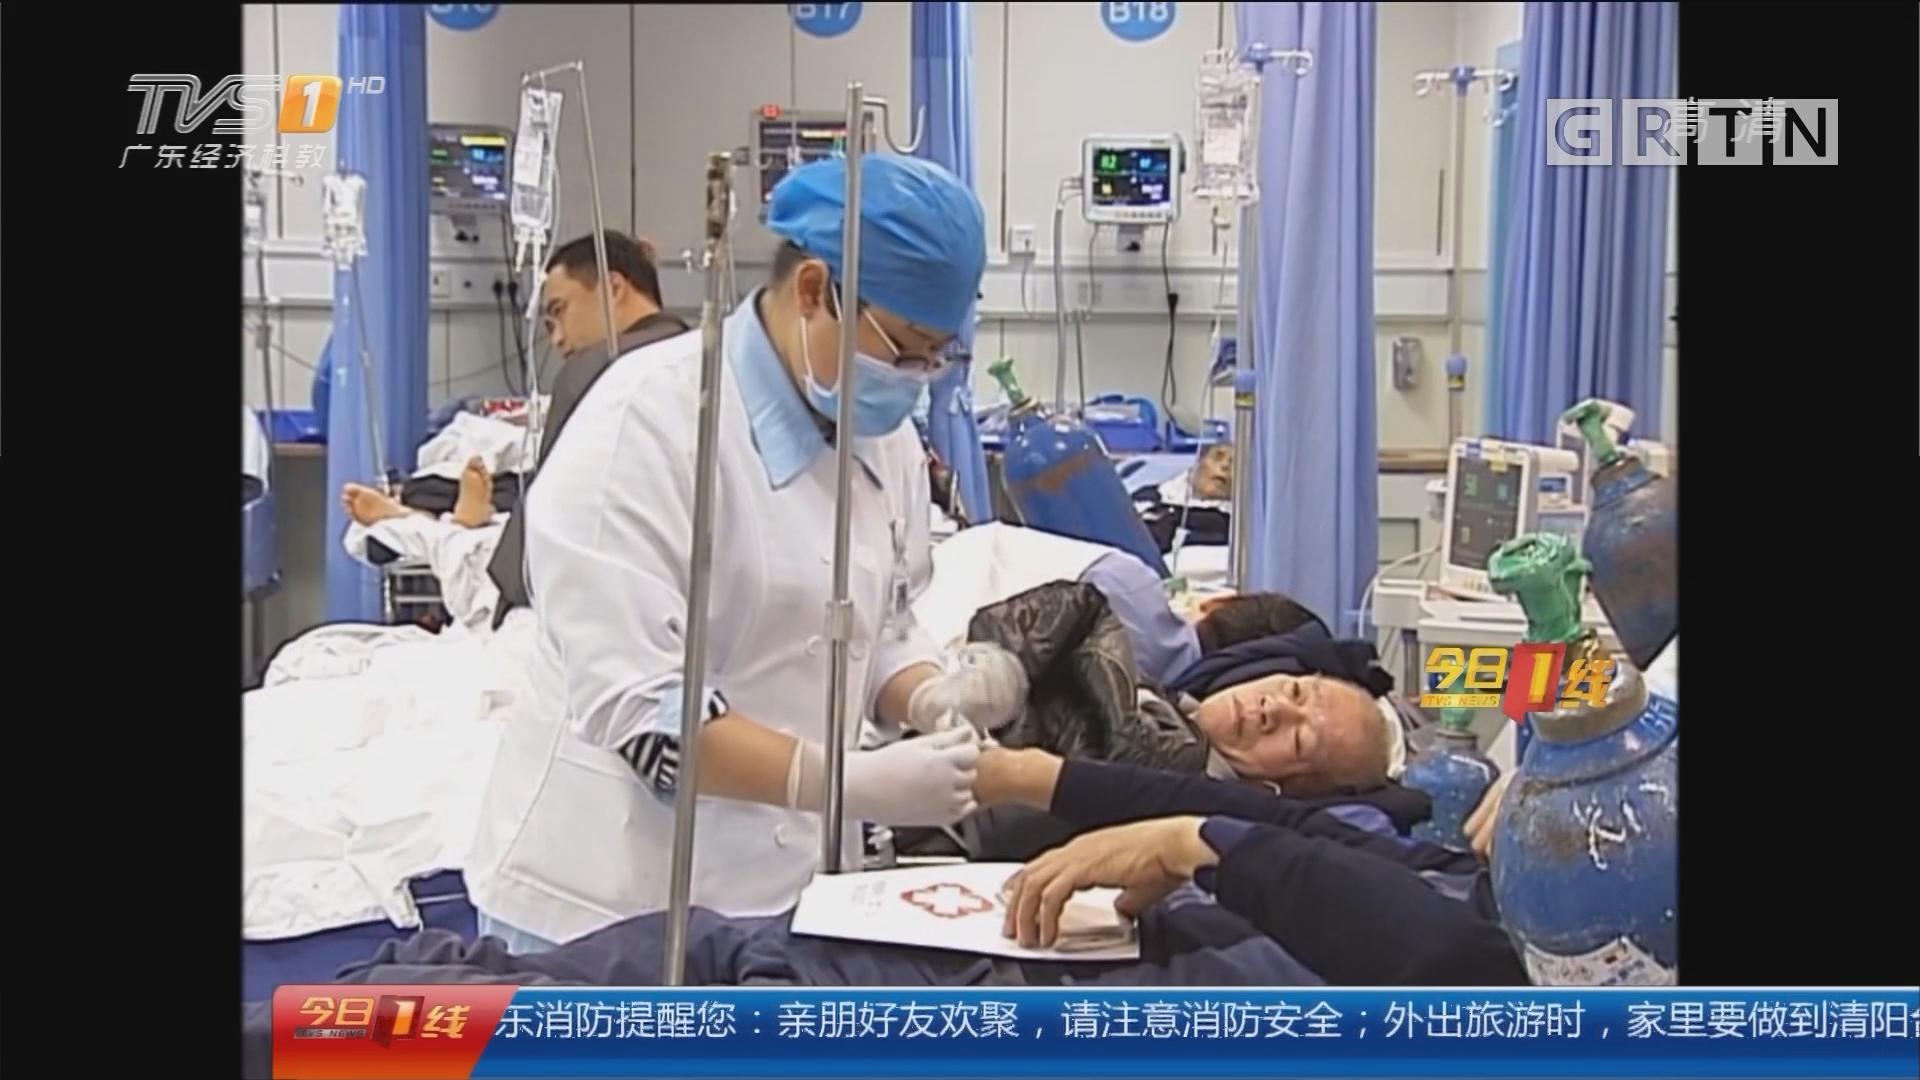 关注健康:急诊量激增!医生一天至少看80人